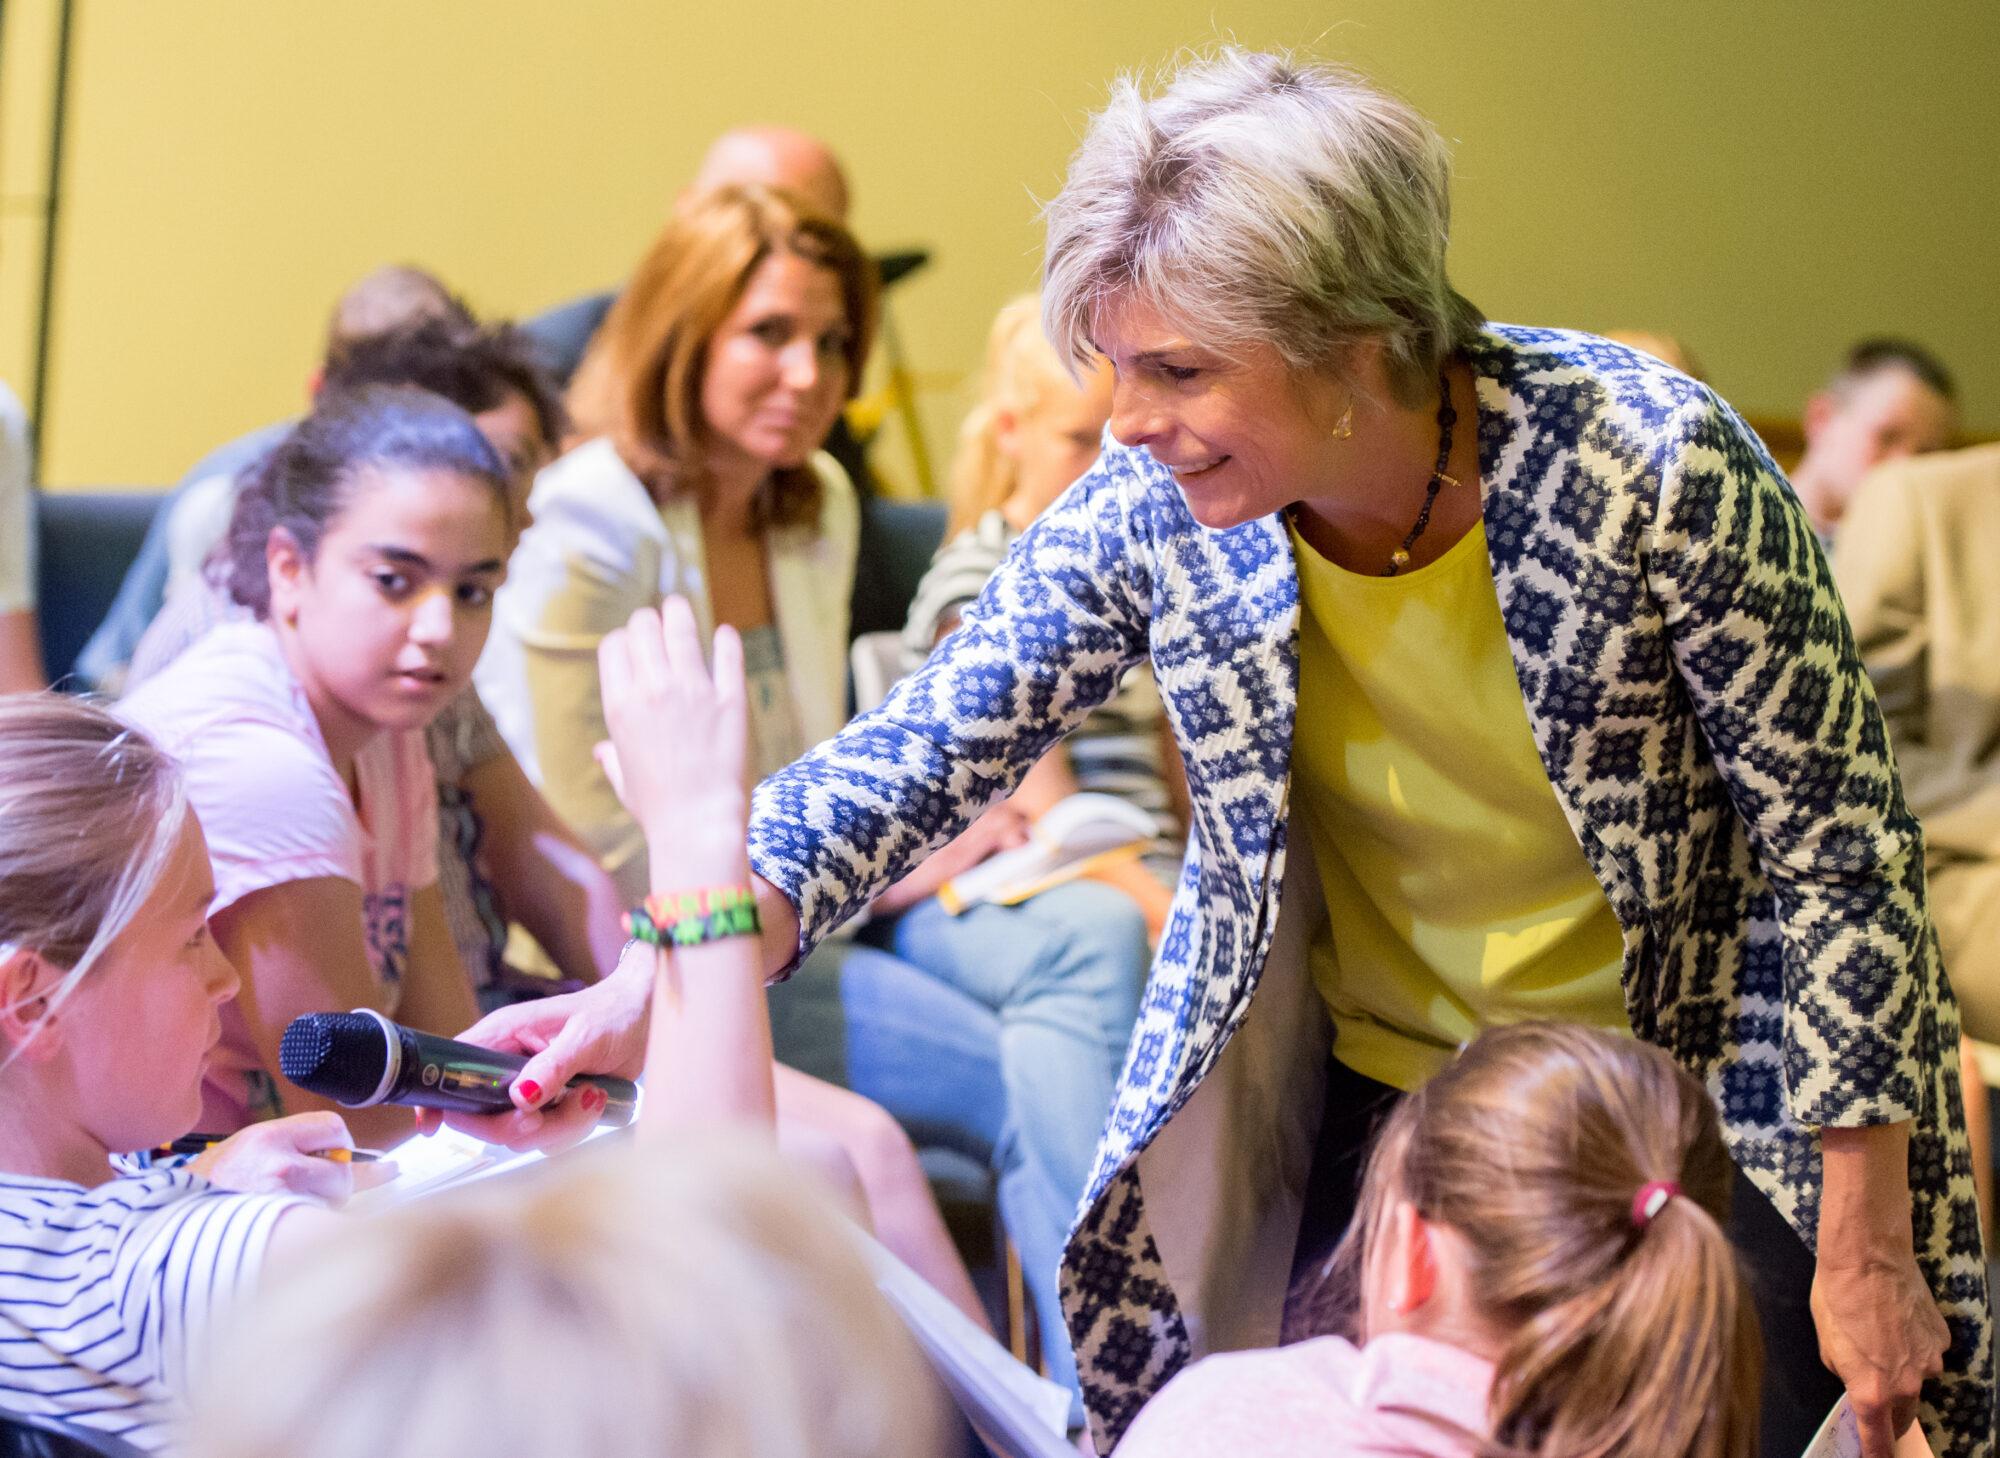 Lesprogramma om kinderarmoede in Nederland bespreekbaar te maken